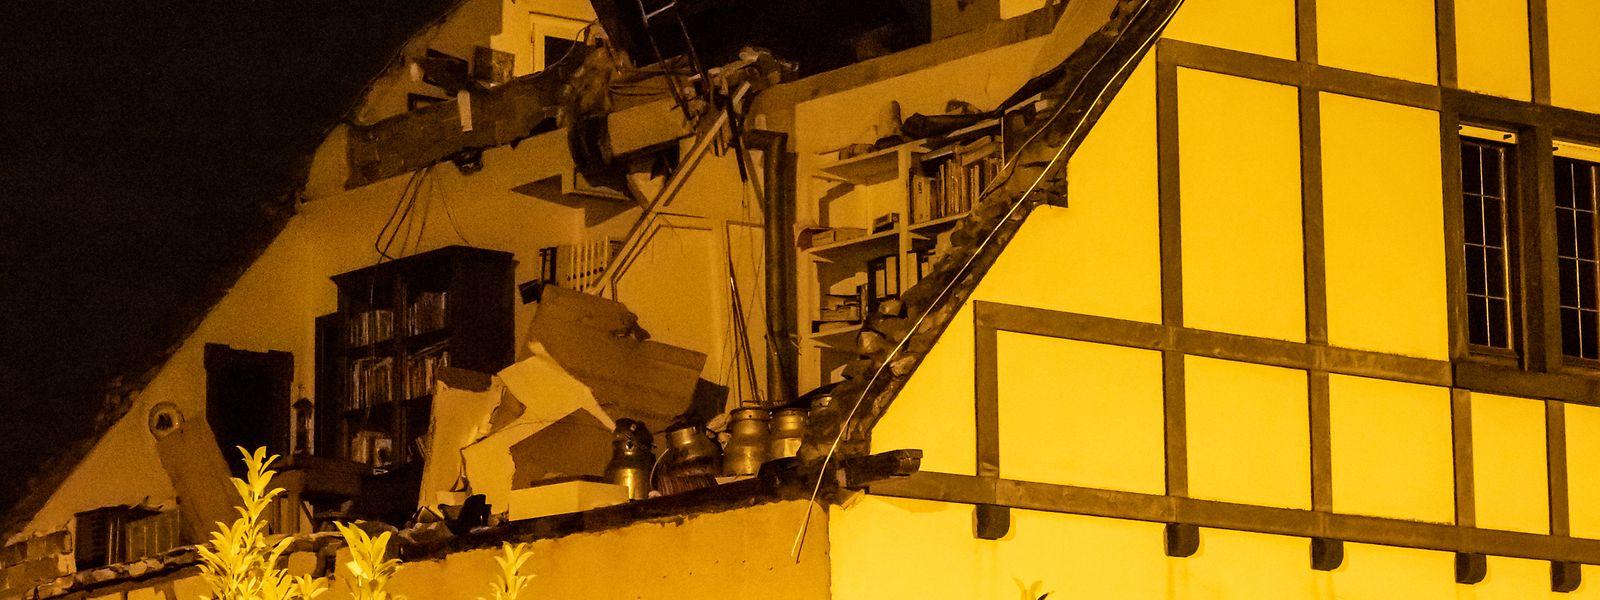 En quelques minutes à peine, la tornade qui s'est abattue sur Bascharage et Pétange a fait d'importants dégâts.